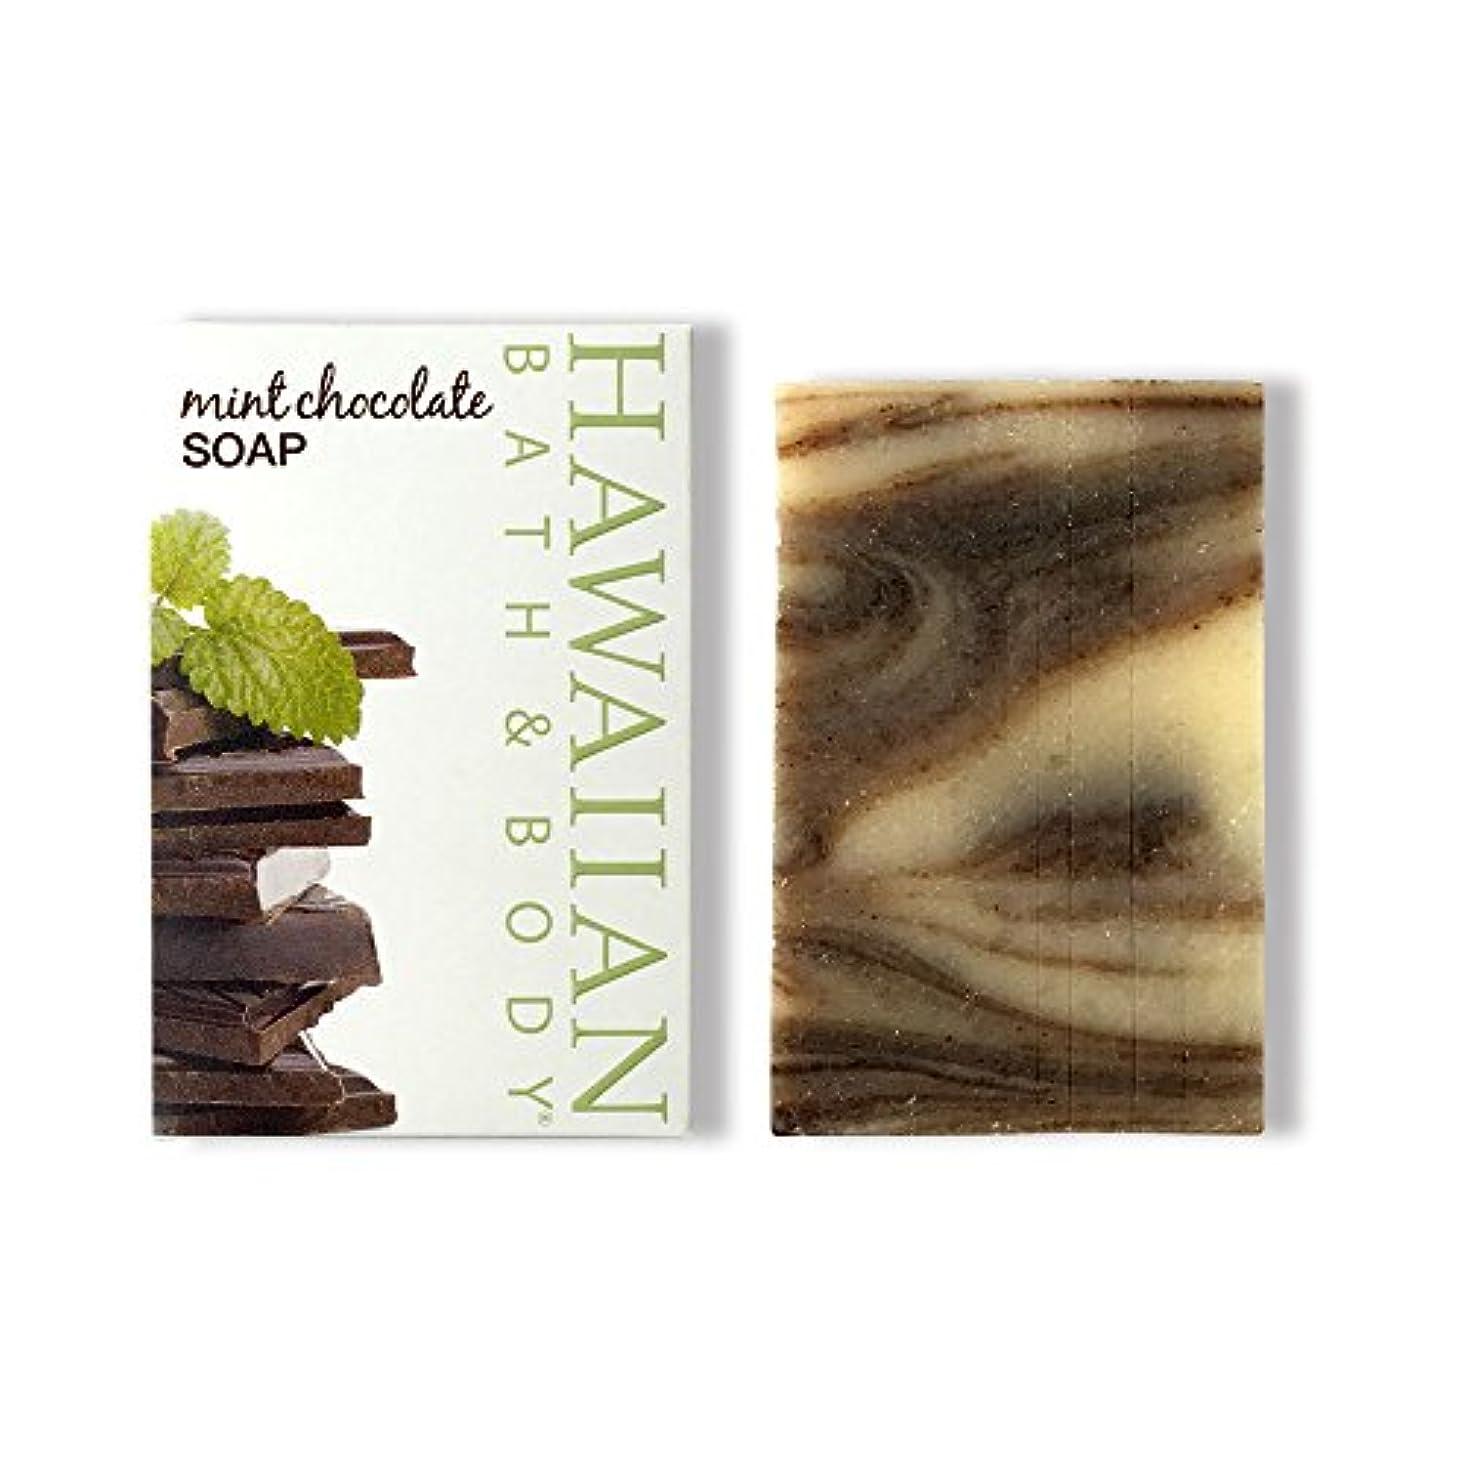 方法昇る思いやりハワイアンバス&ボディ ハワイアン?ミントチョコレートソープ ( Hawaii Mint Chocolate Soap )